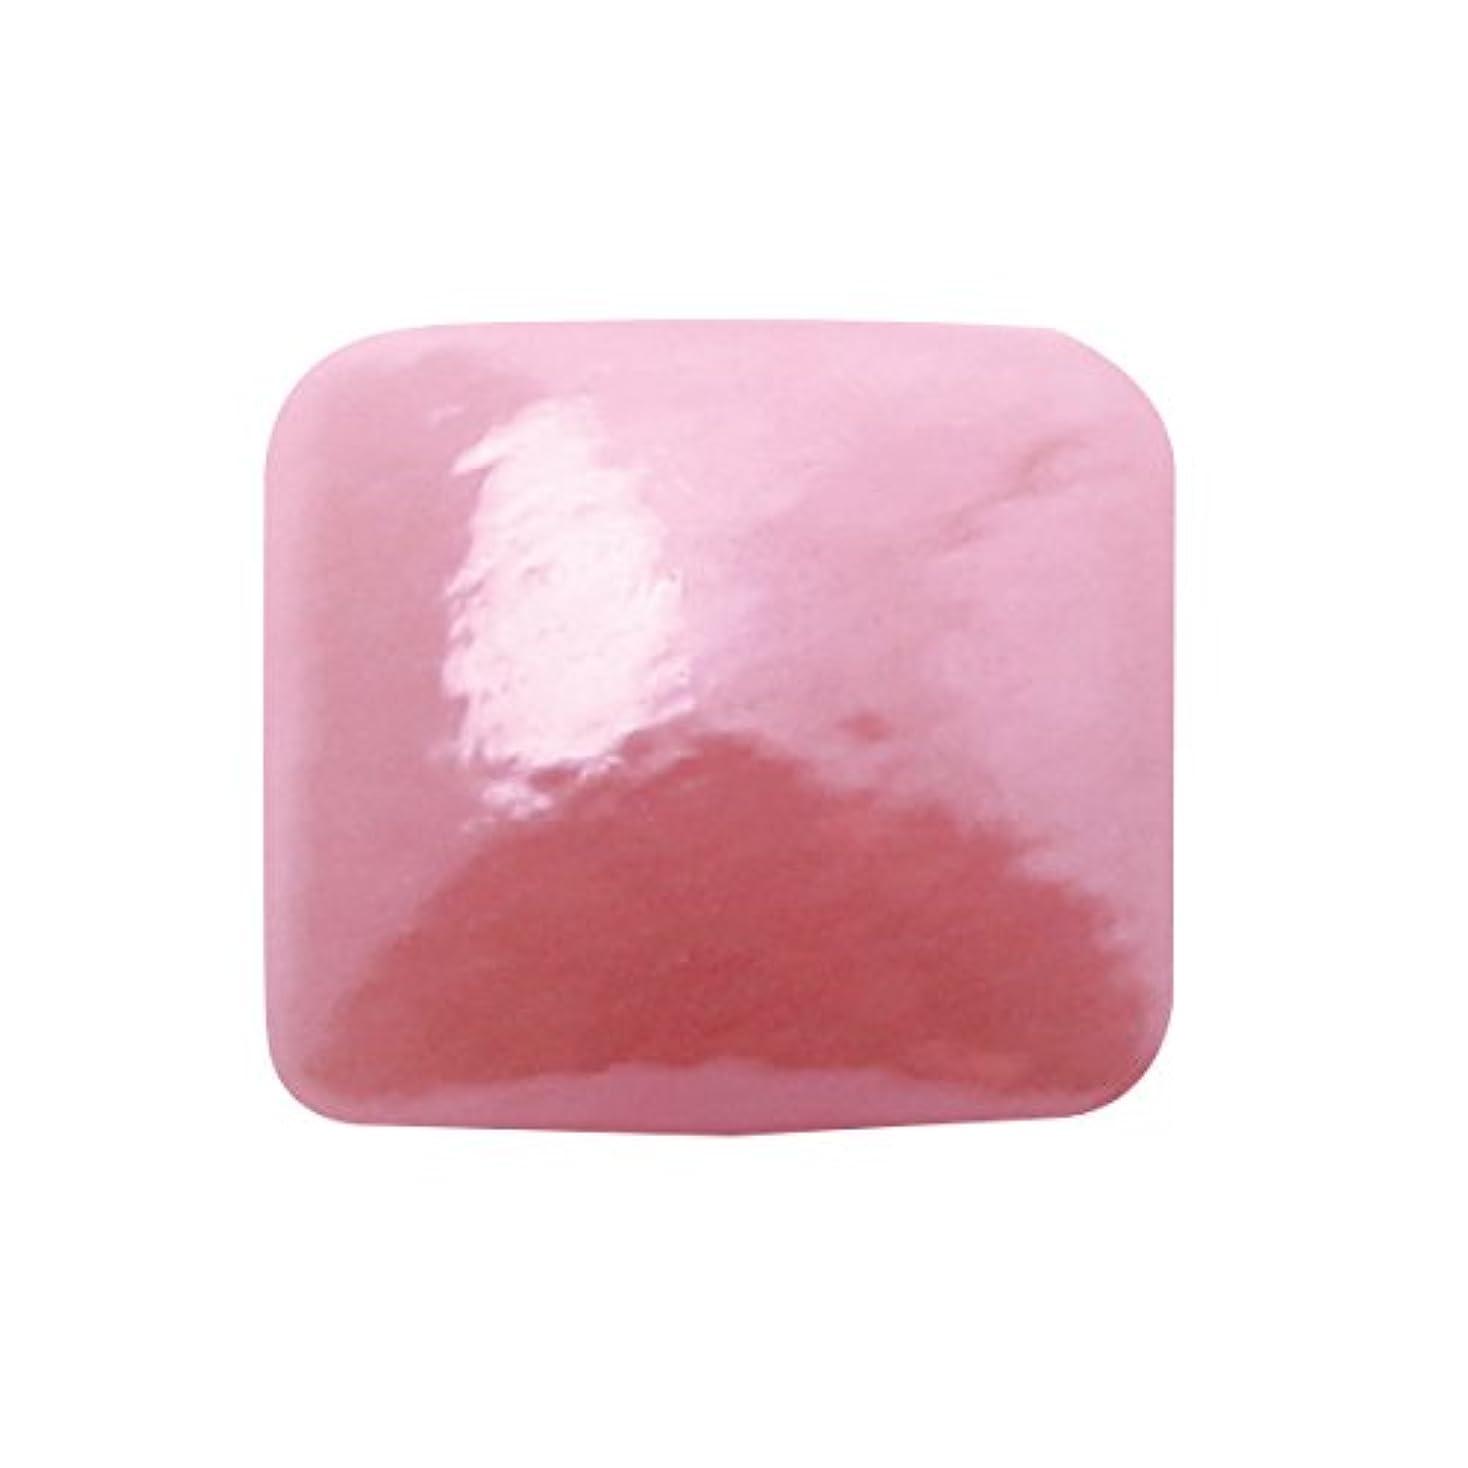 胚役員ロープグラスパールスクエア 4x4mm(各30個) ピンク